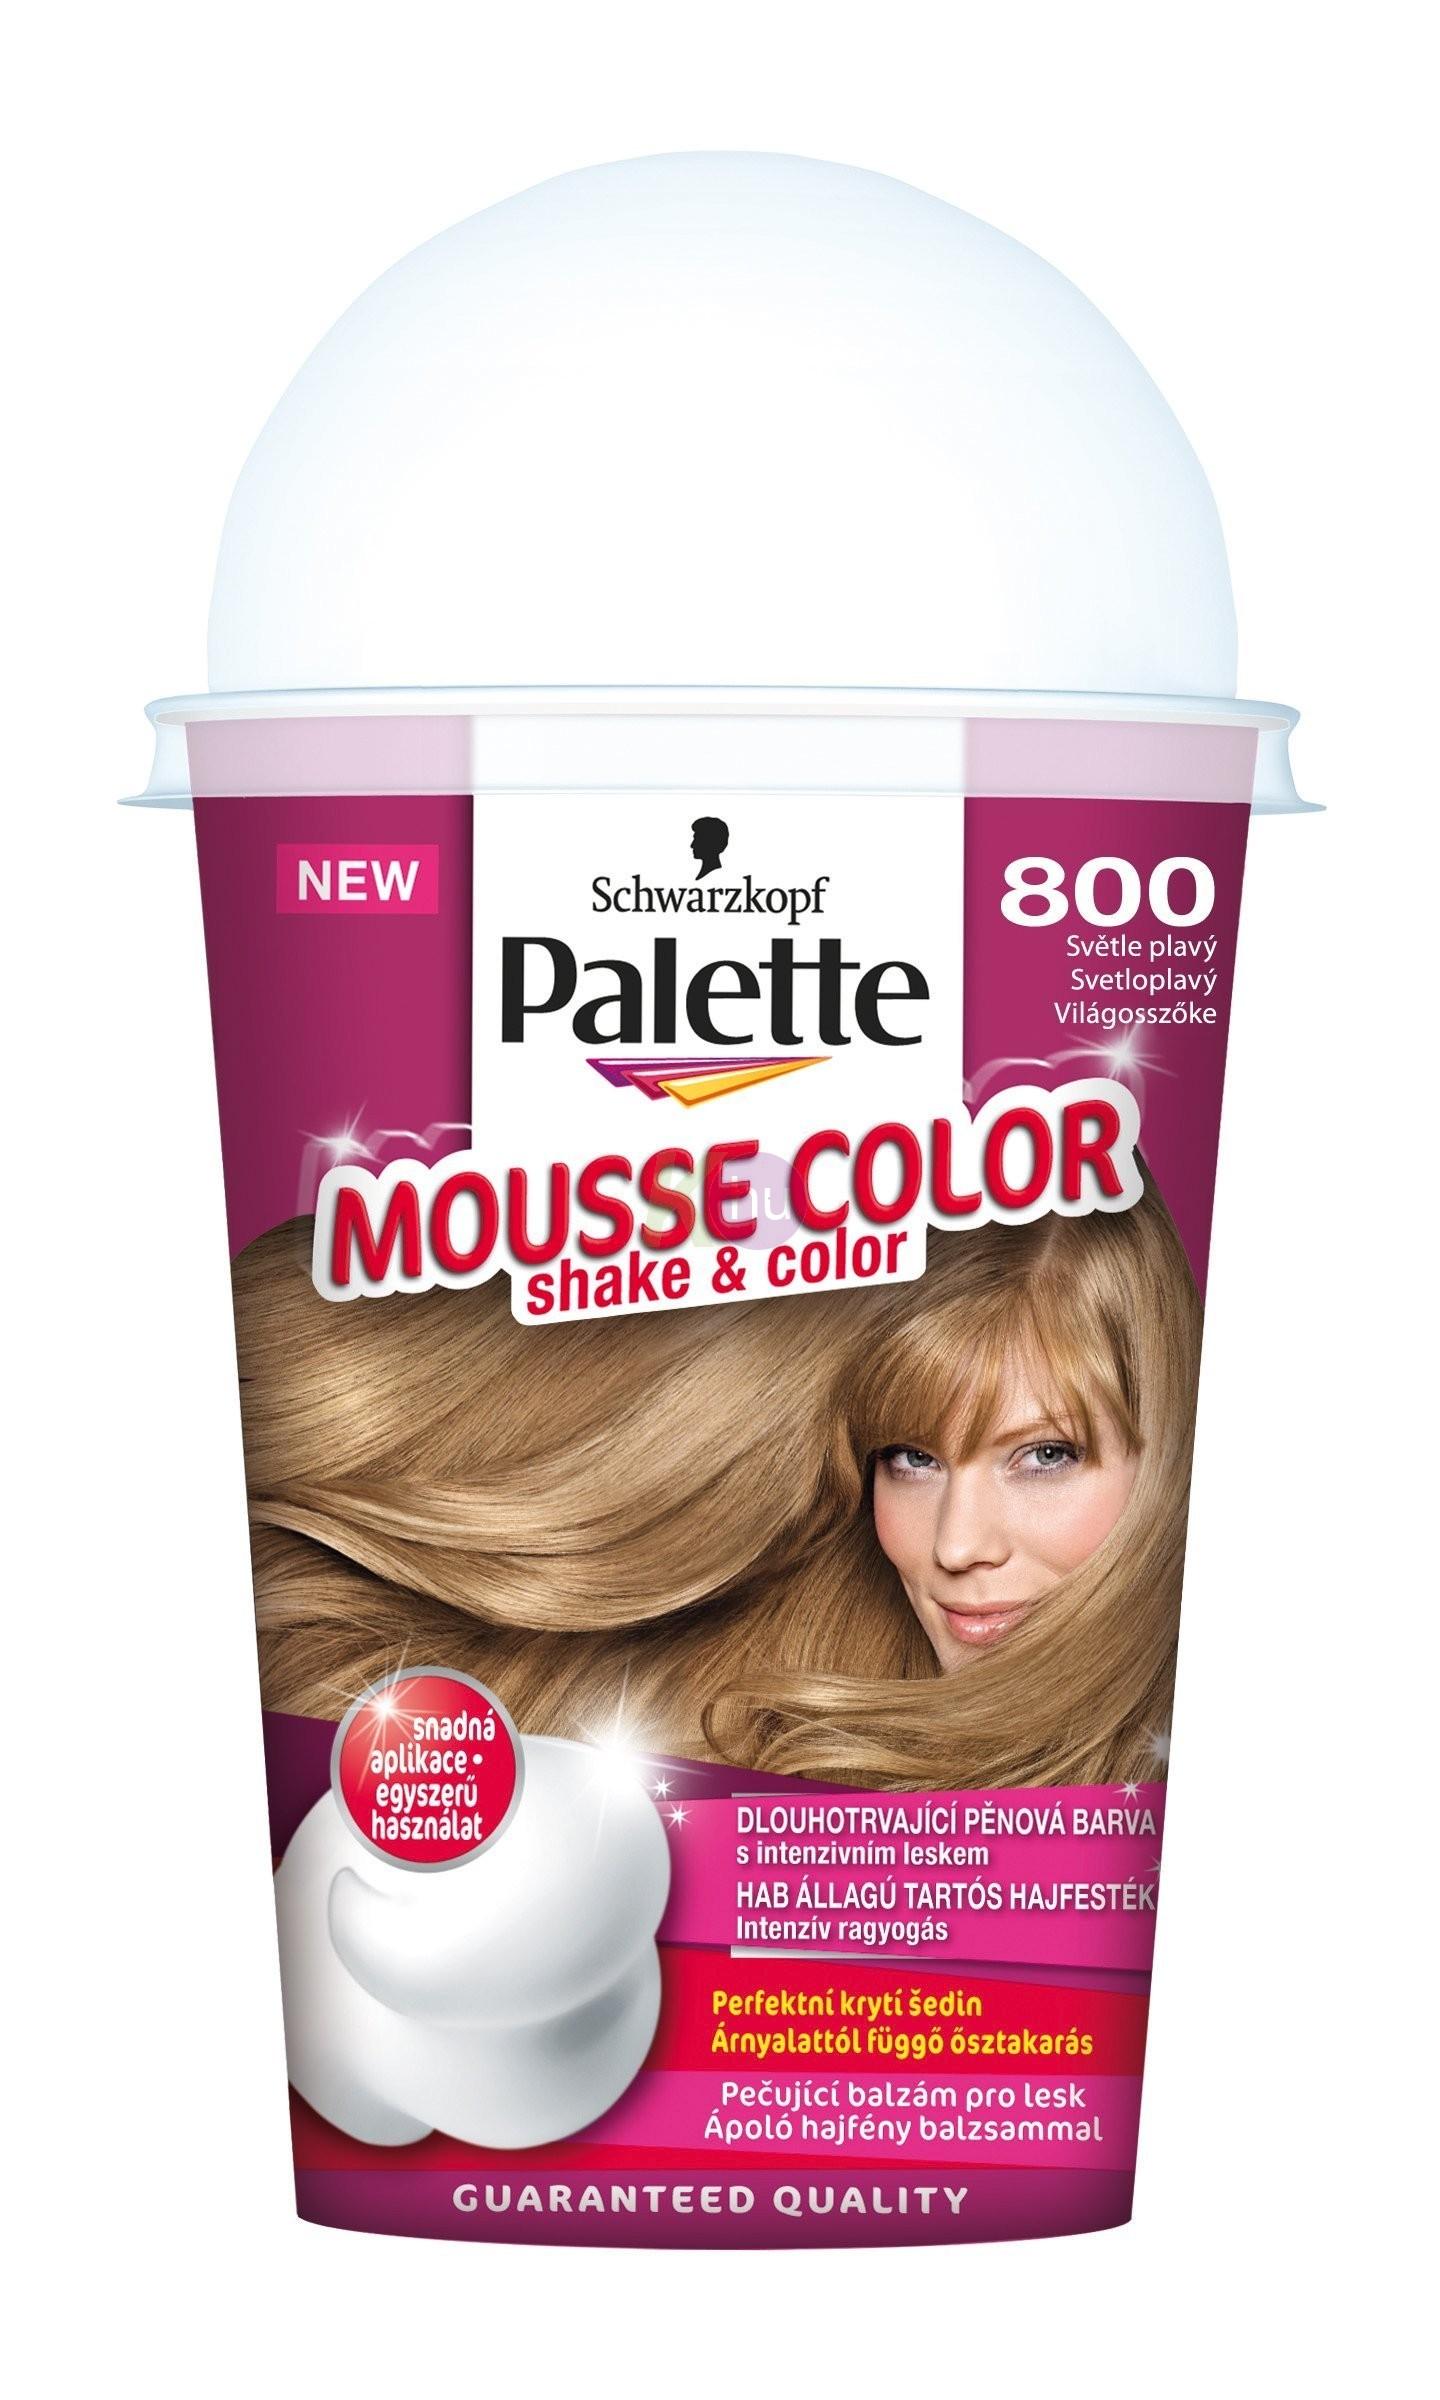 Palette Mousse Color 800 világosszőke 13100868